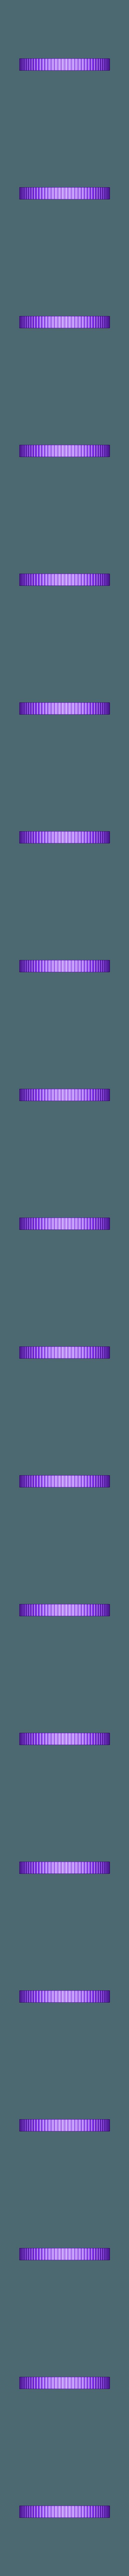 Cap_v1.STL Télécharger fichier STL gratuit Boîte pour papier abrasif • Plan imprimable en 3D, perinski